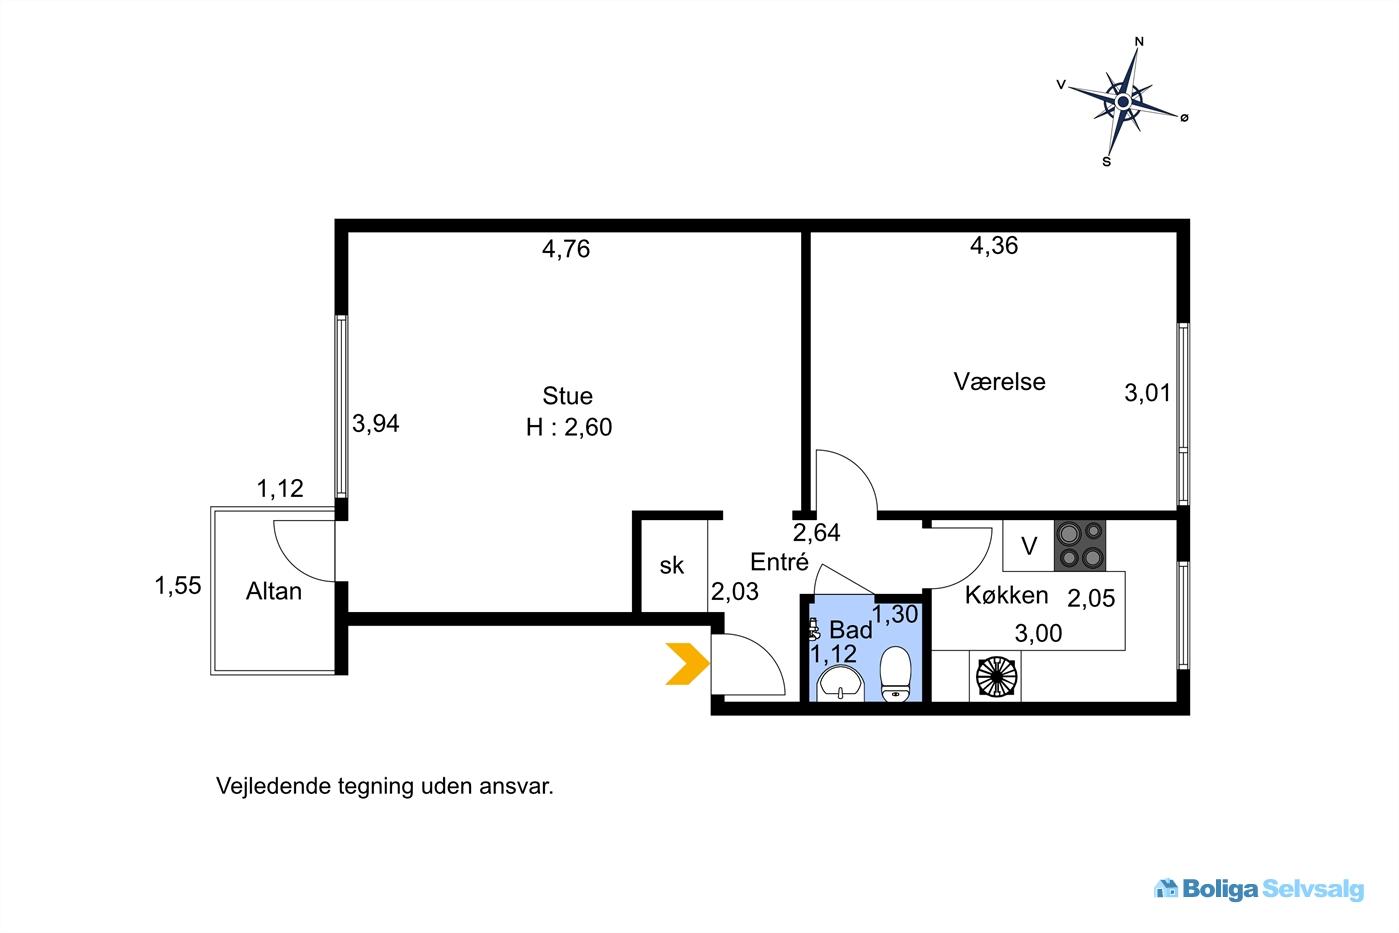 Landlystvej 5A, 1. tv., 2500 Valby